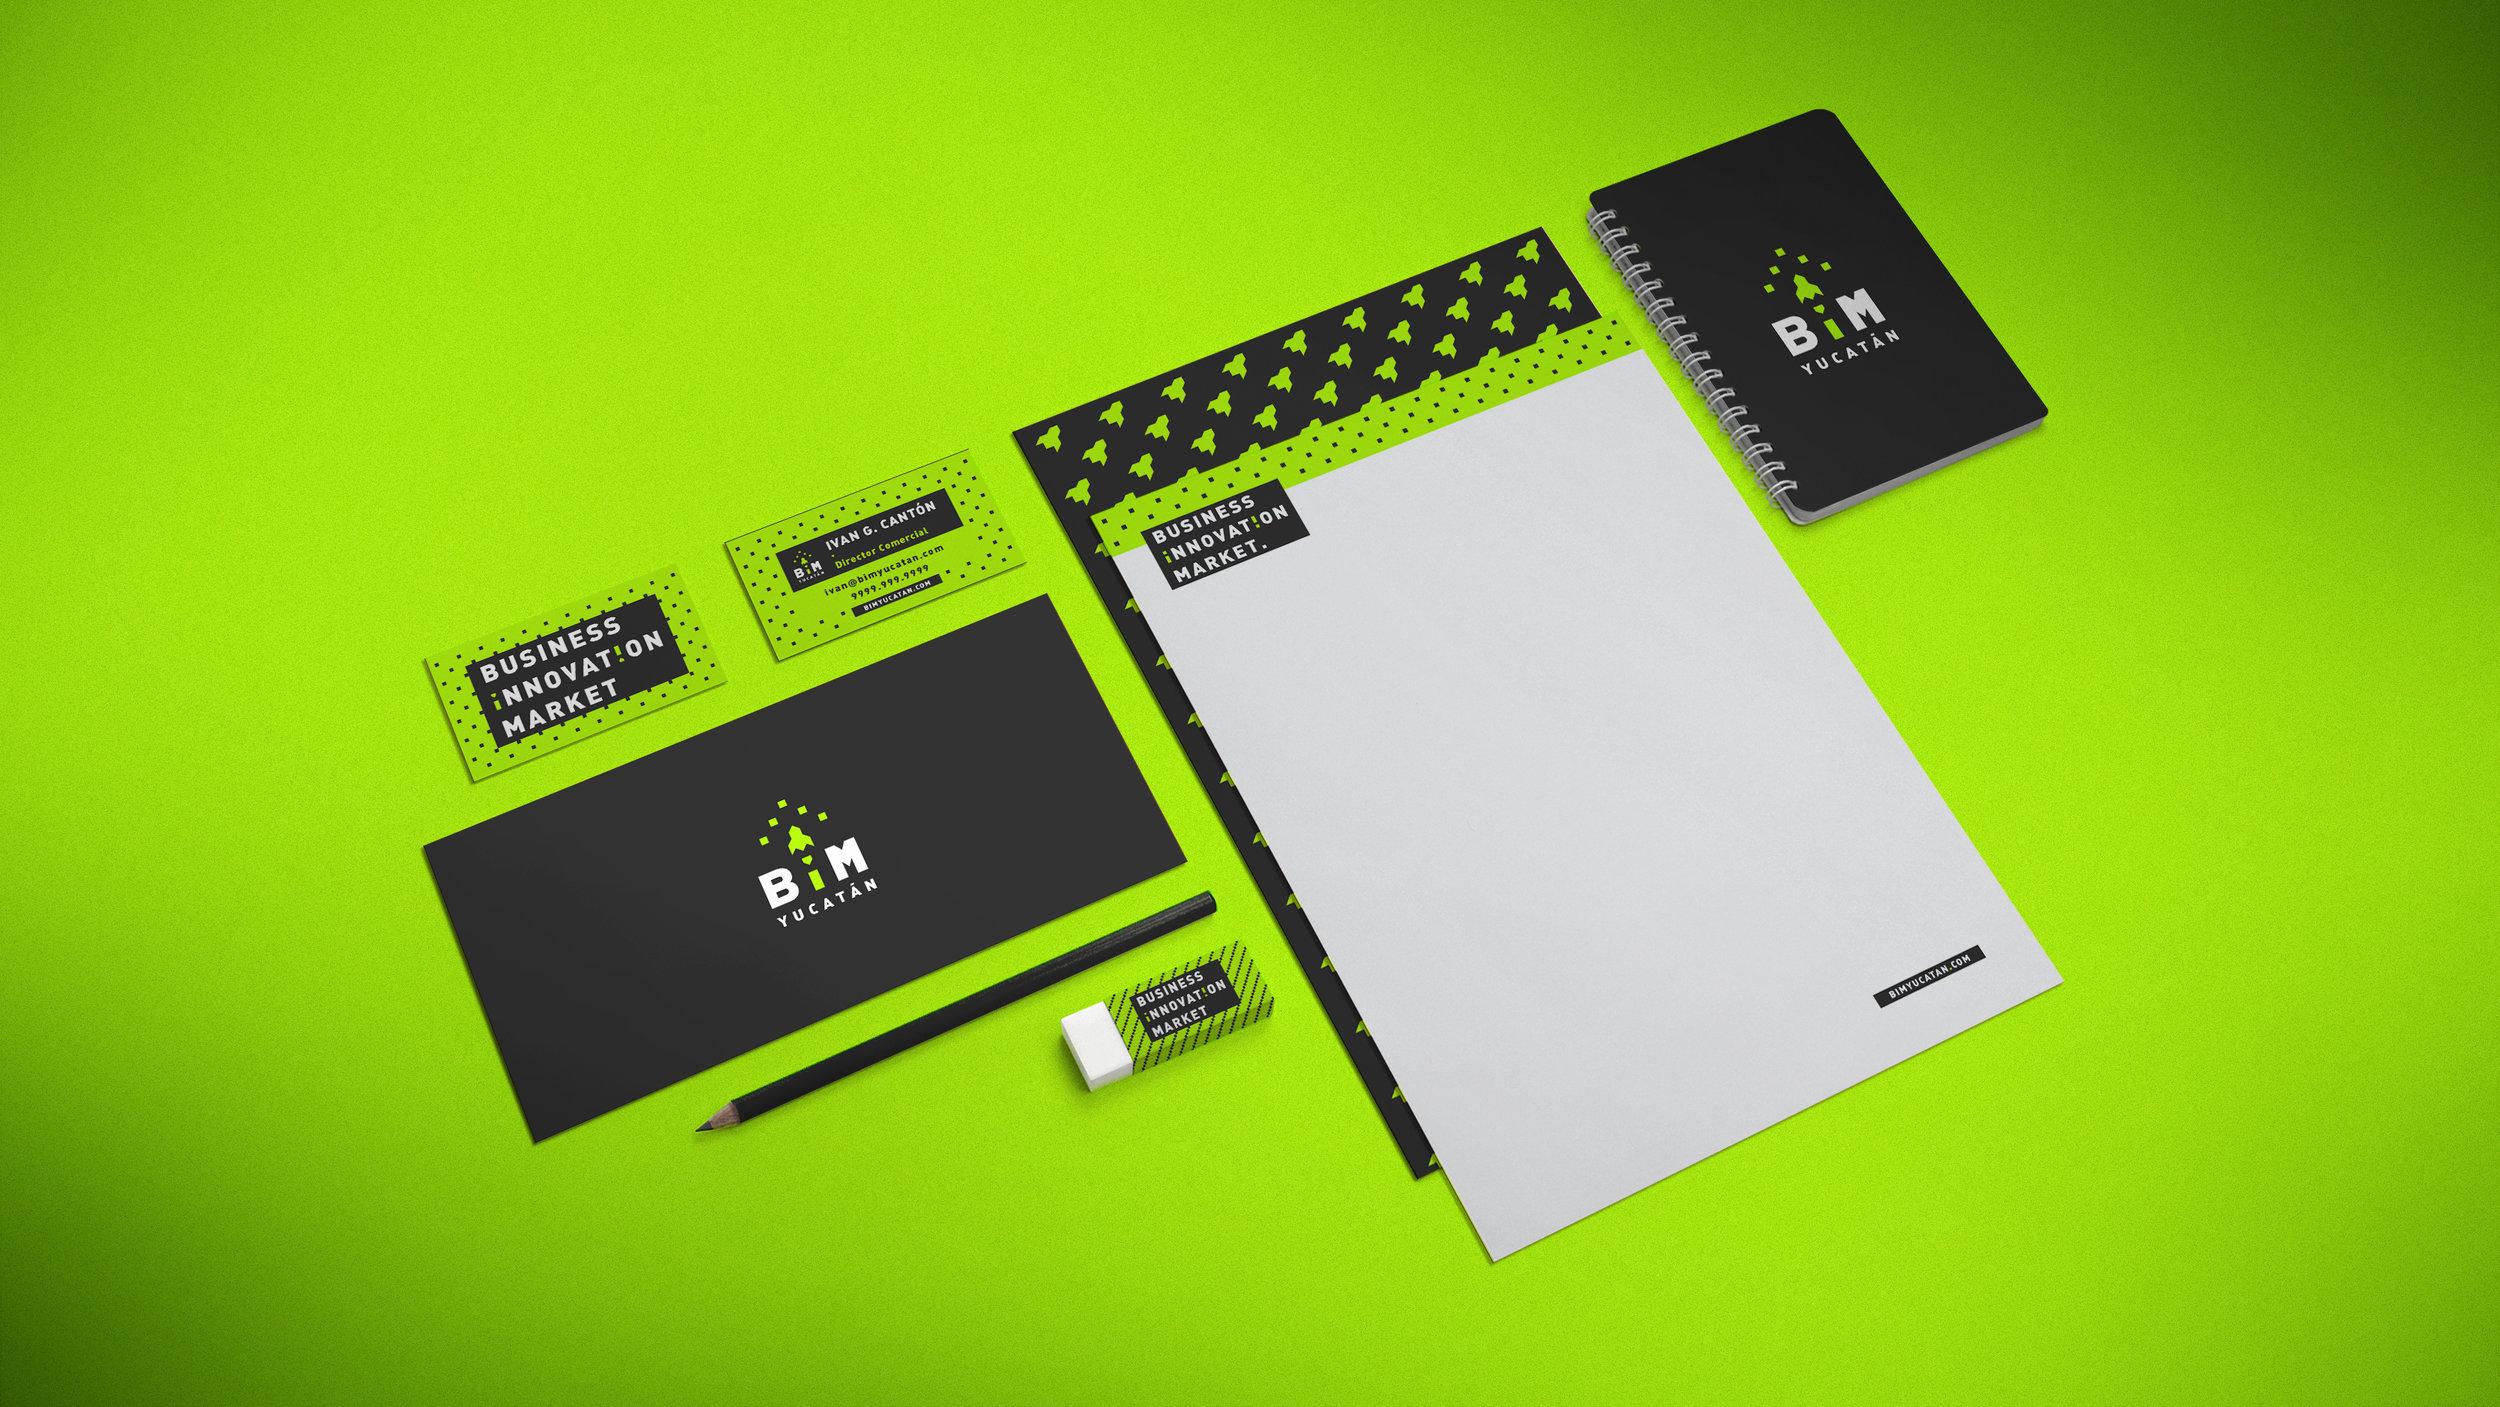 BIM - Branding.jpg